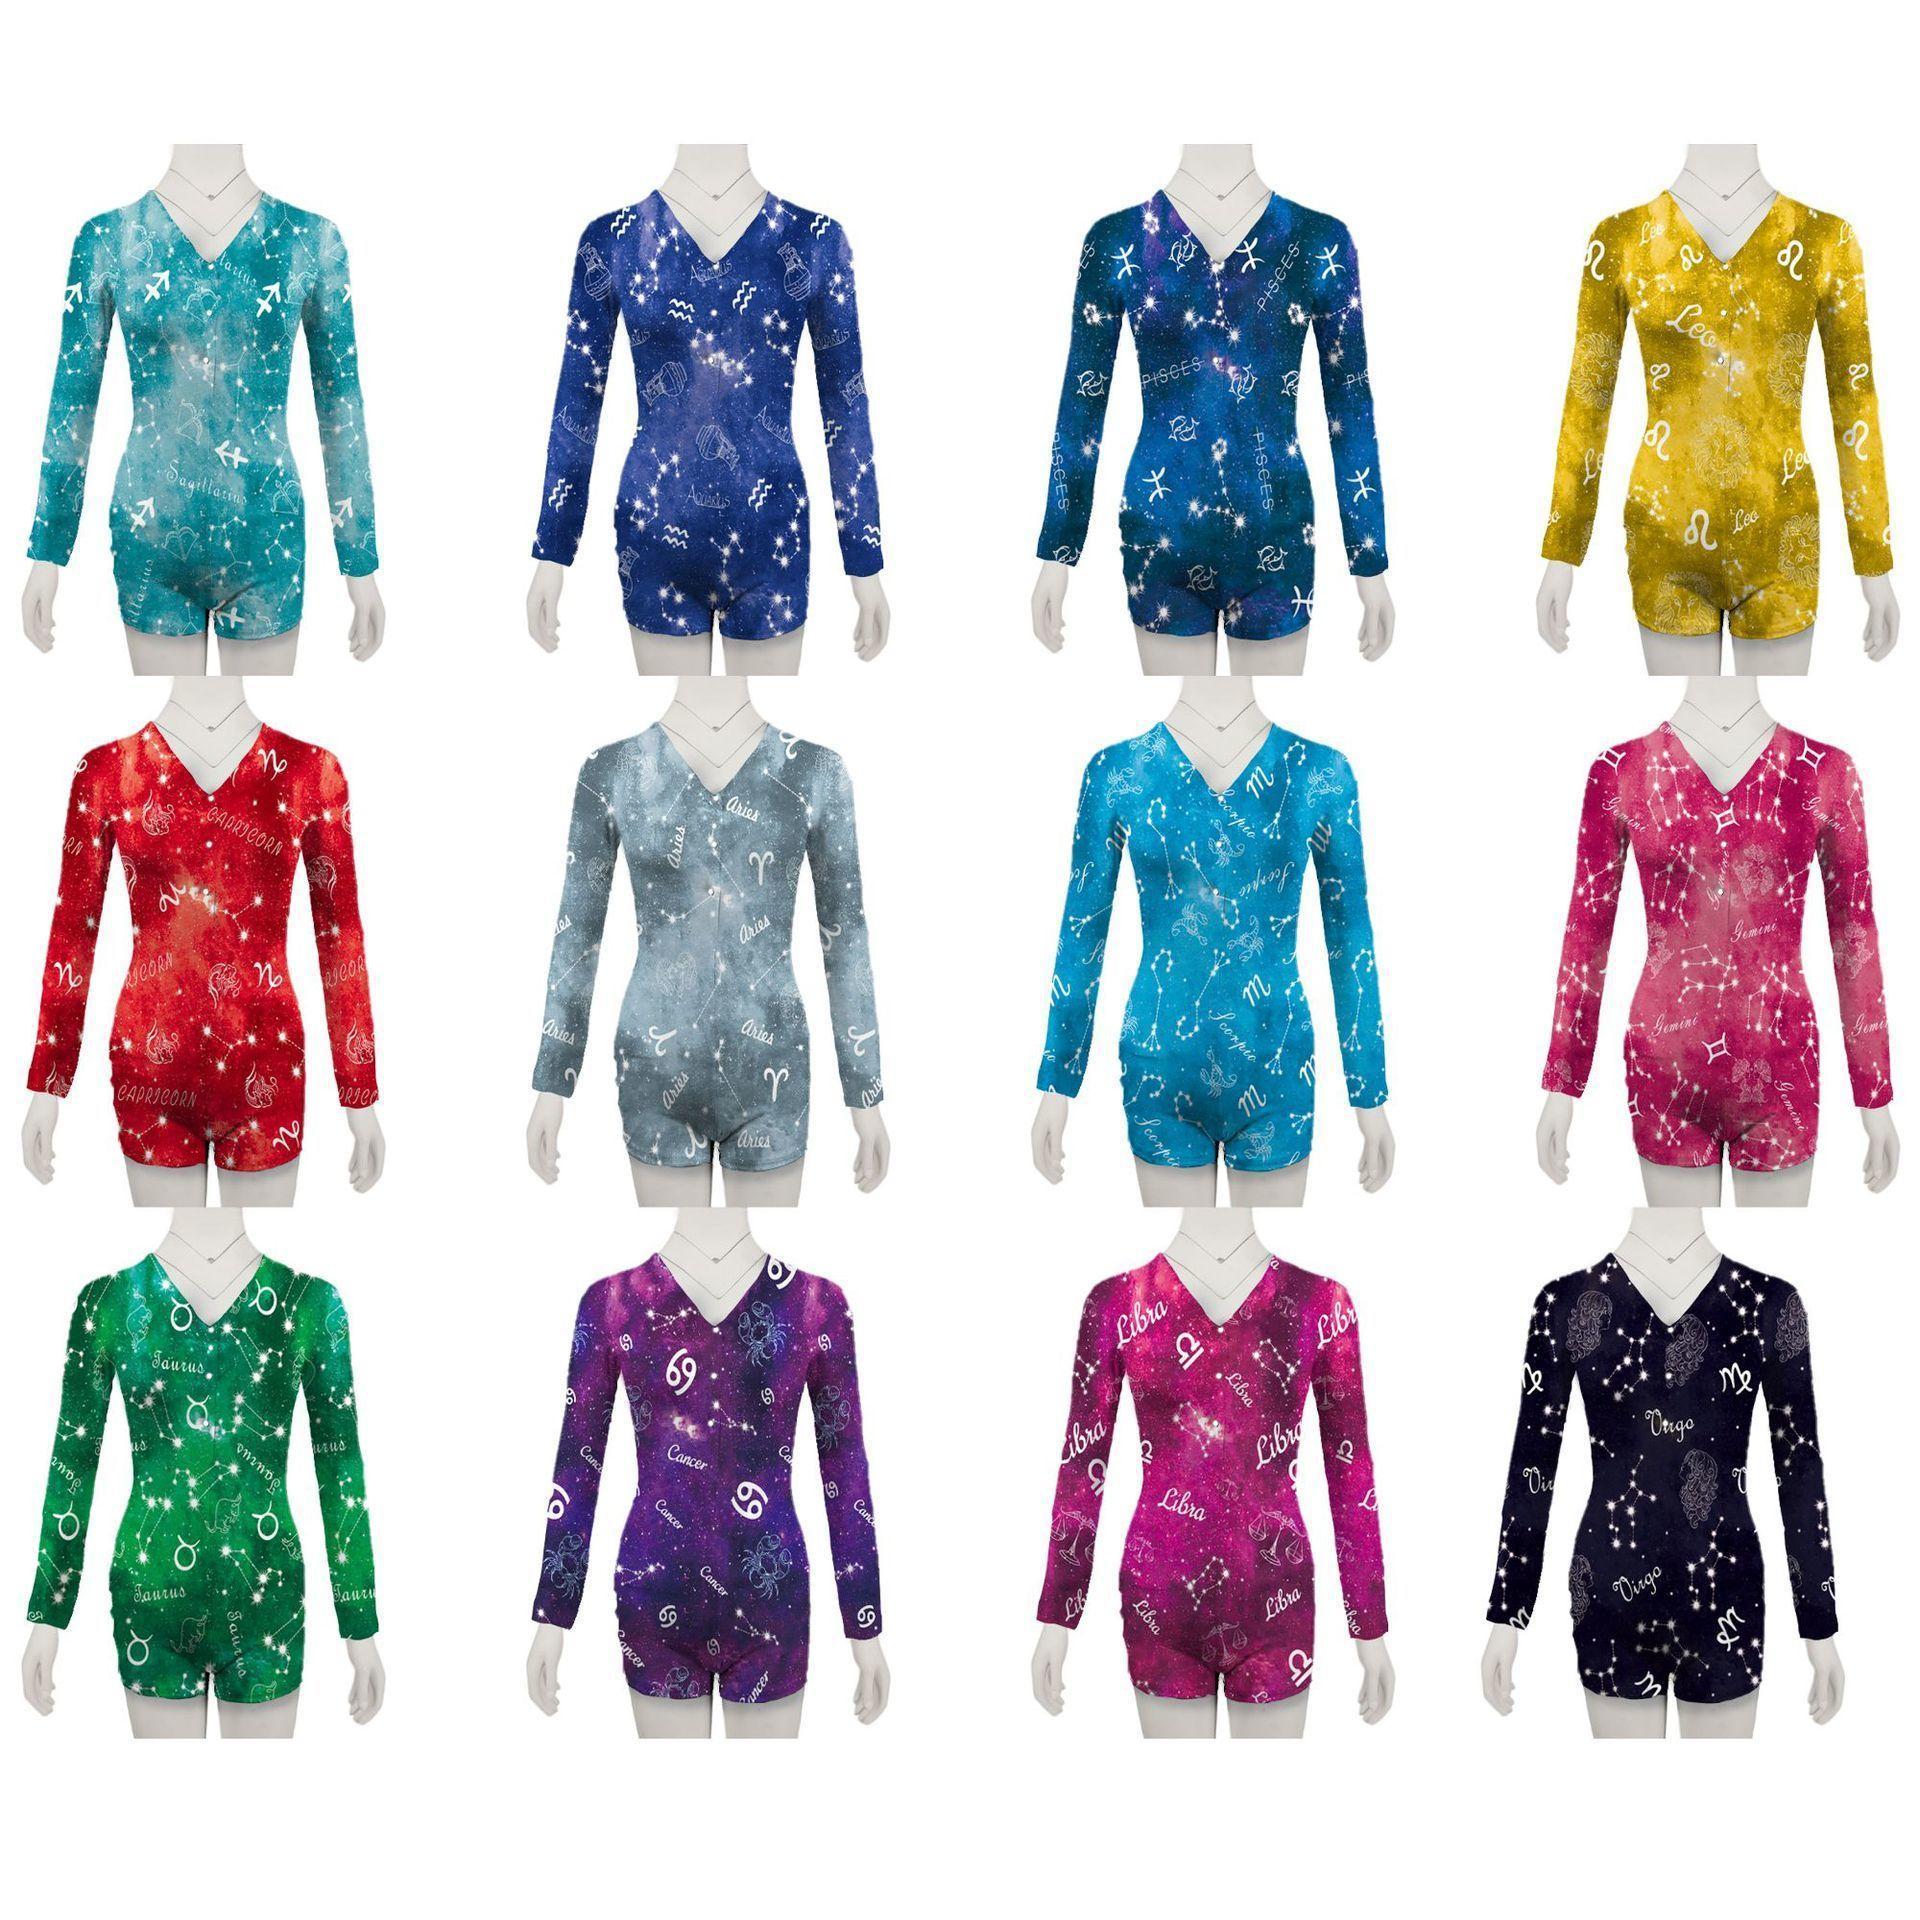 Женские комбинезоны Сексуальные платья Тонкие двенадцать созвездий напечатаны с длинными рукавами Pajamas Deep V-образным вырезом Ночной клуб Женские Плотные Rompers DHL